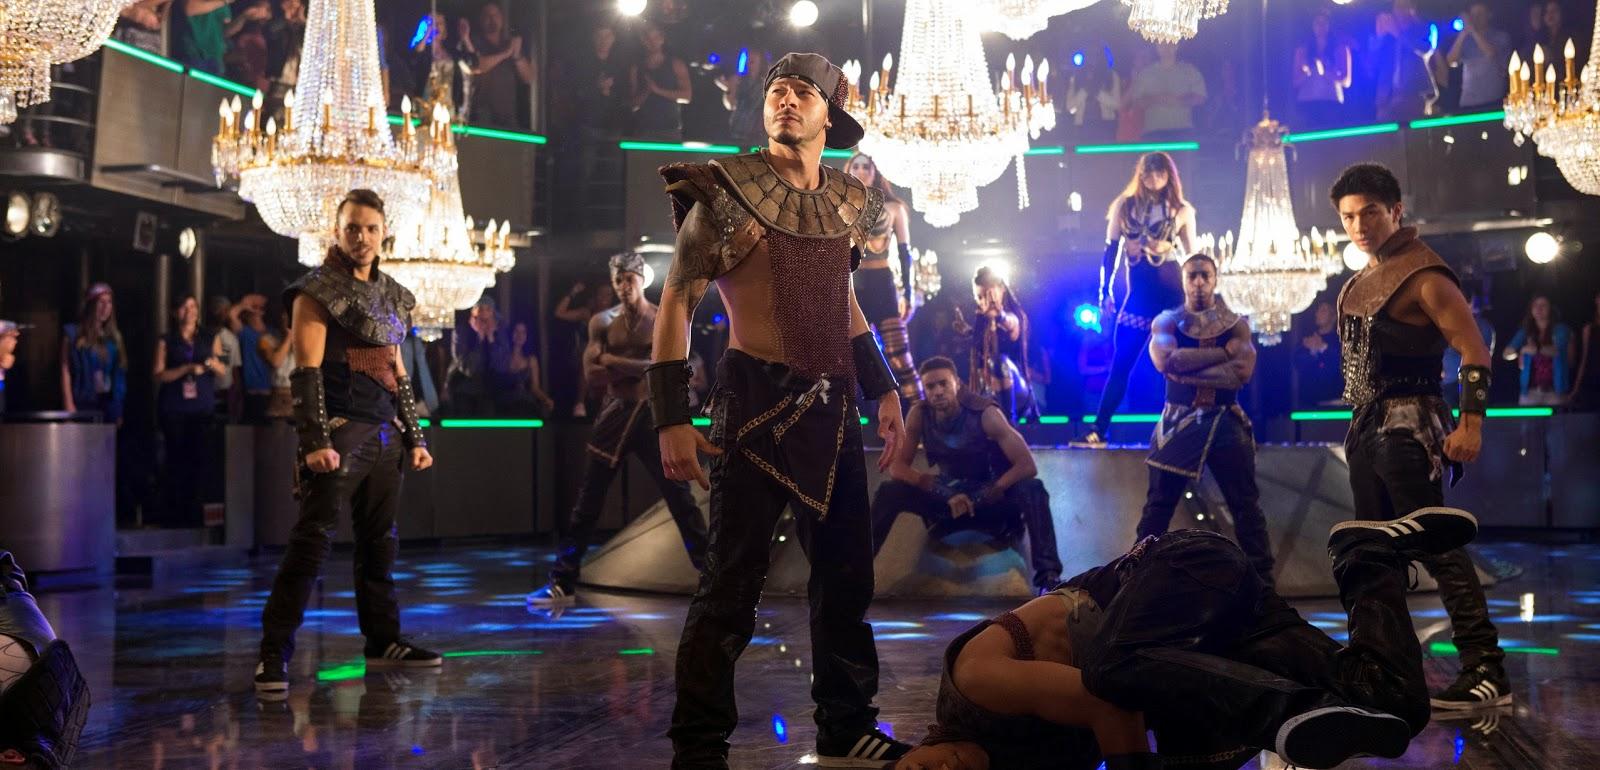 Cenas inéditas no terceiro trailer de Ela Dança Eu Danço 5, com Adam G Sevani, Briana Evigan e Ryan Guzman